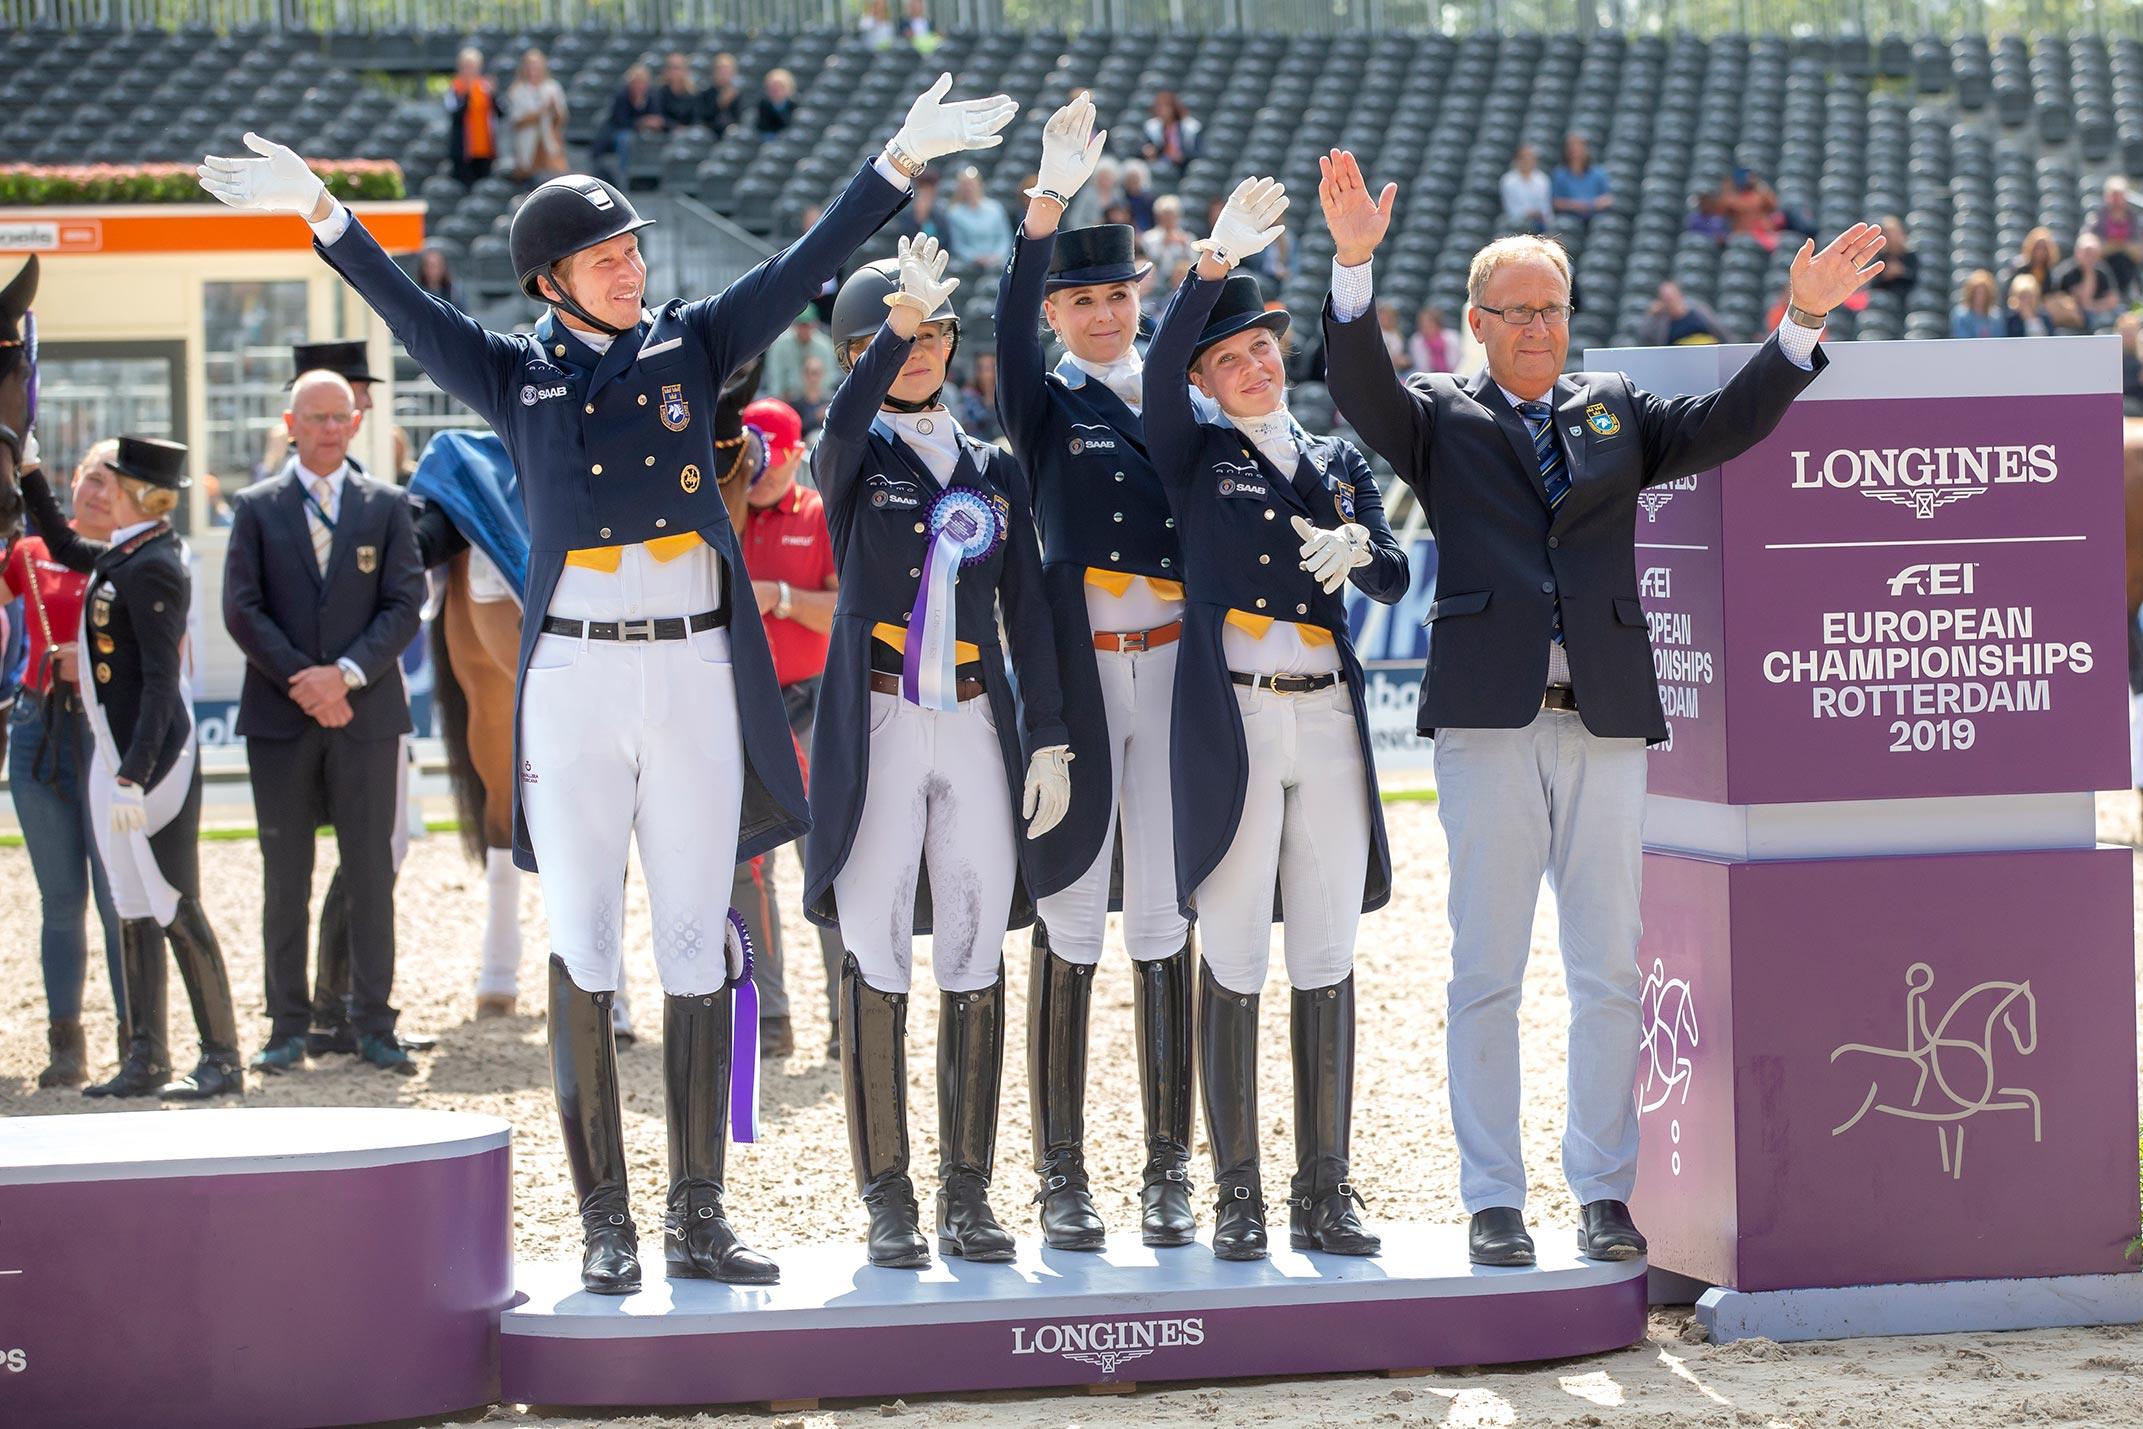 The-swedish-bronzeteam-1-190820-rt